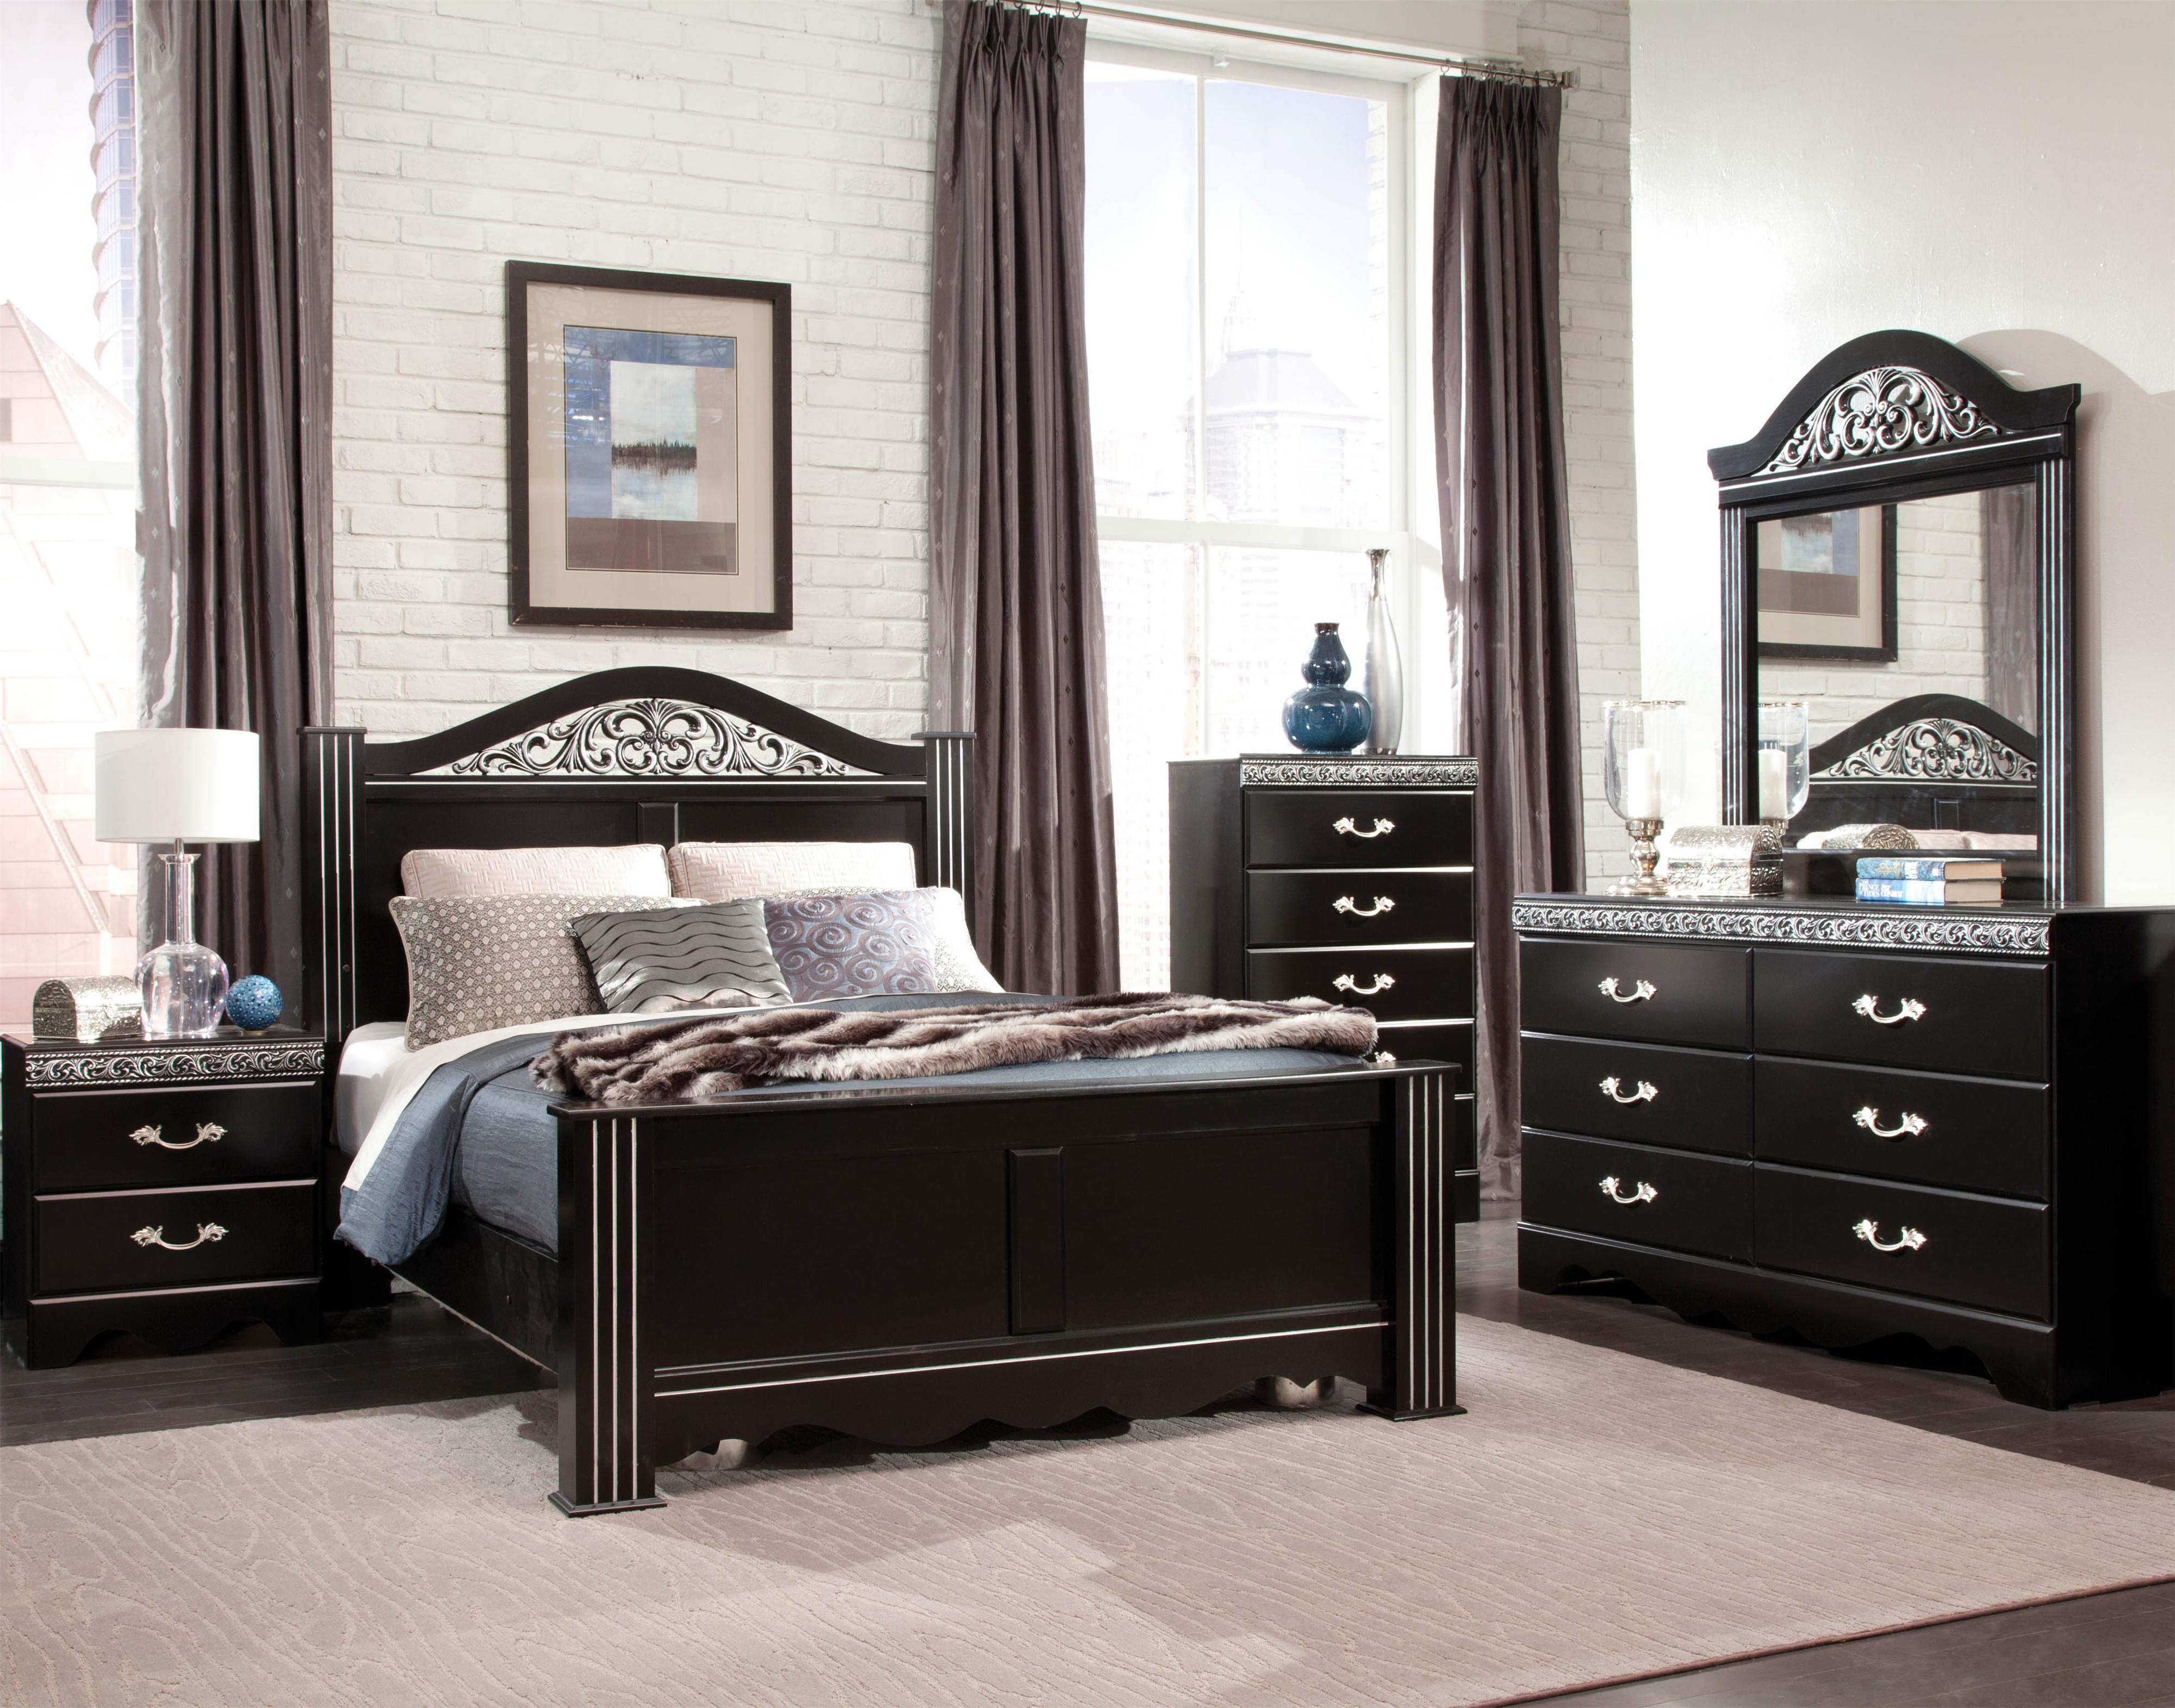 Standard Furniture Odessa King Bedroom Group - Item Number: 69550 King Bedroom Group 1